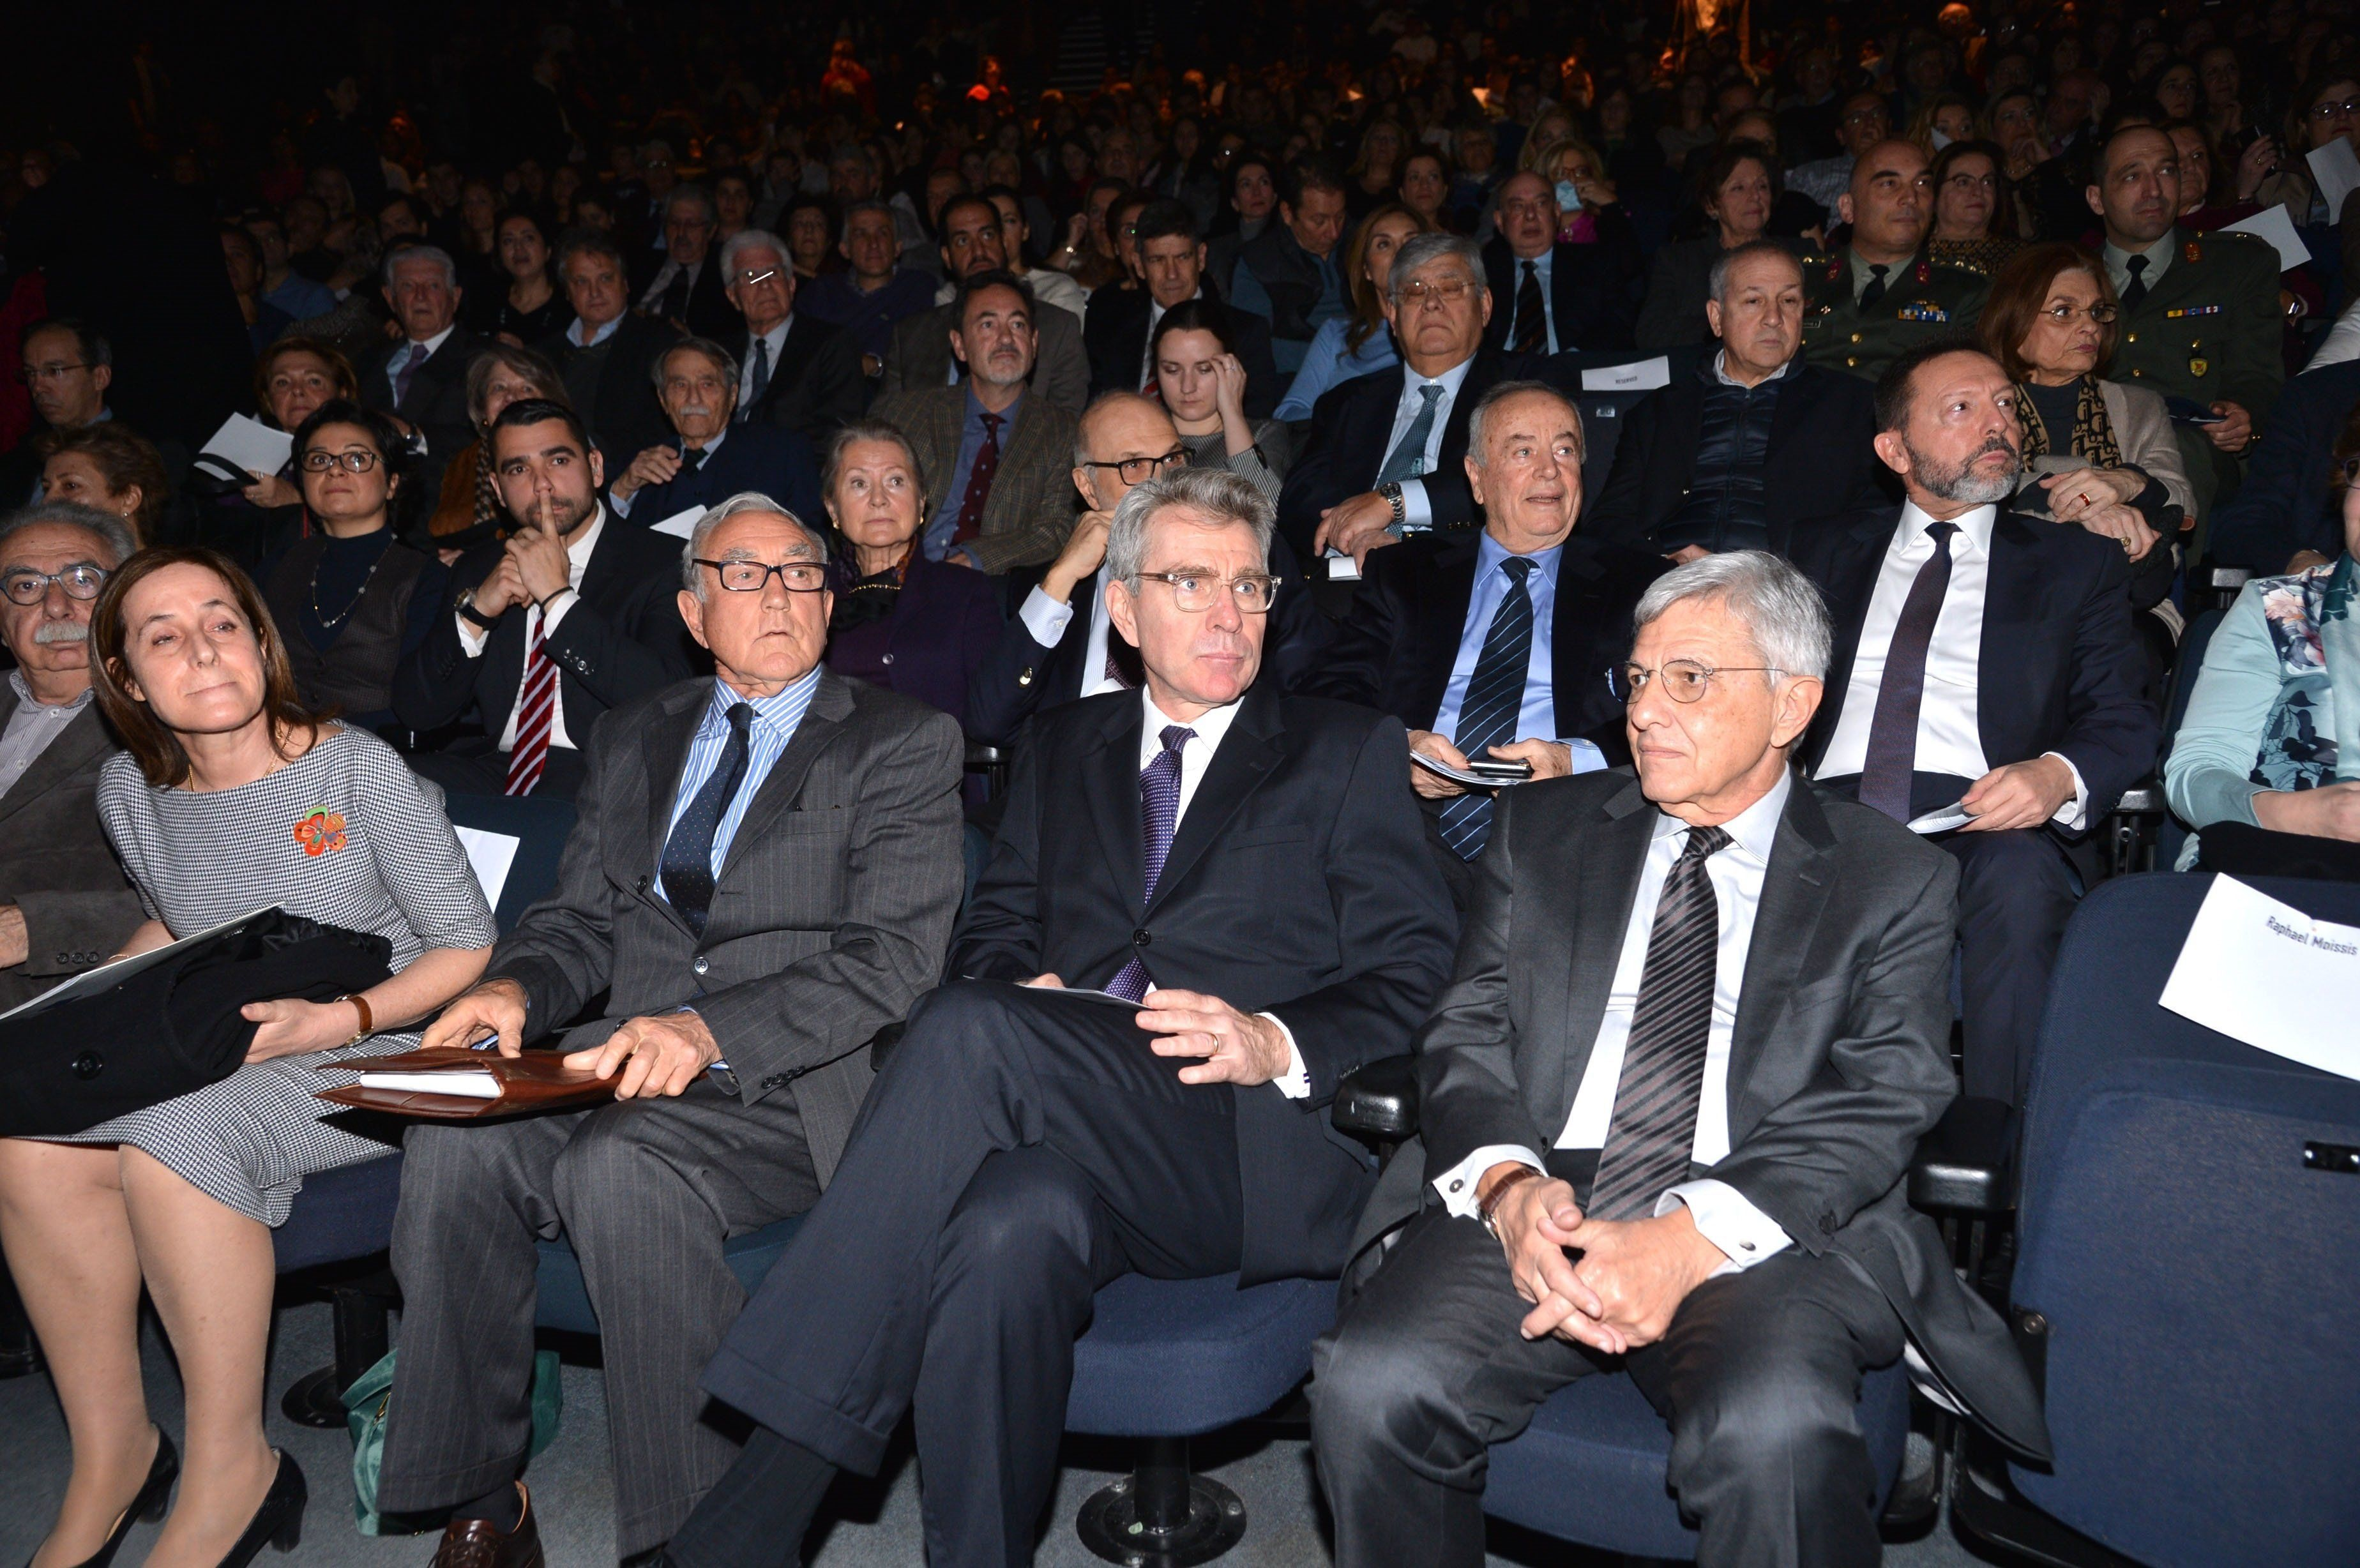 Κορυφαίος τίτλος τιμής από το Ισραήλ στον Κωνσταντίνο Γιαννίτση για τη διάσωση της οικογένειας